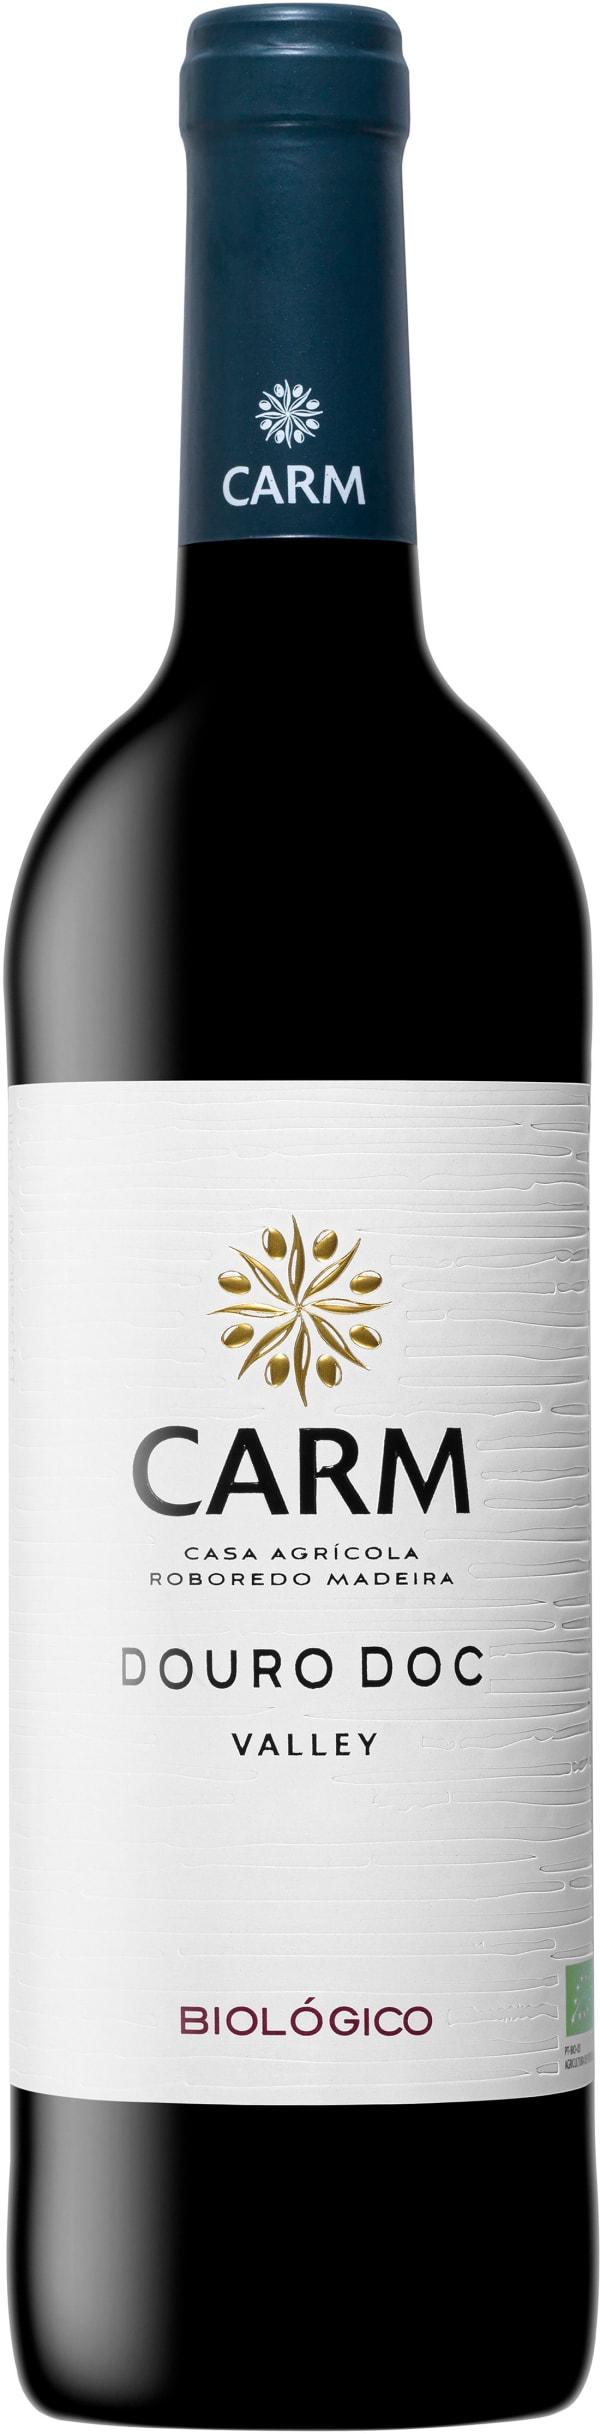 Carm 2015